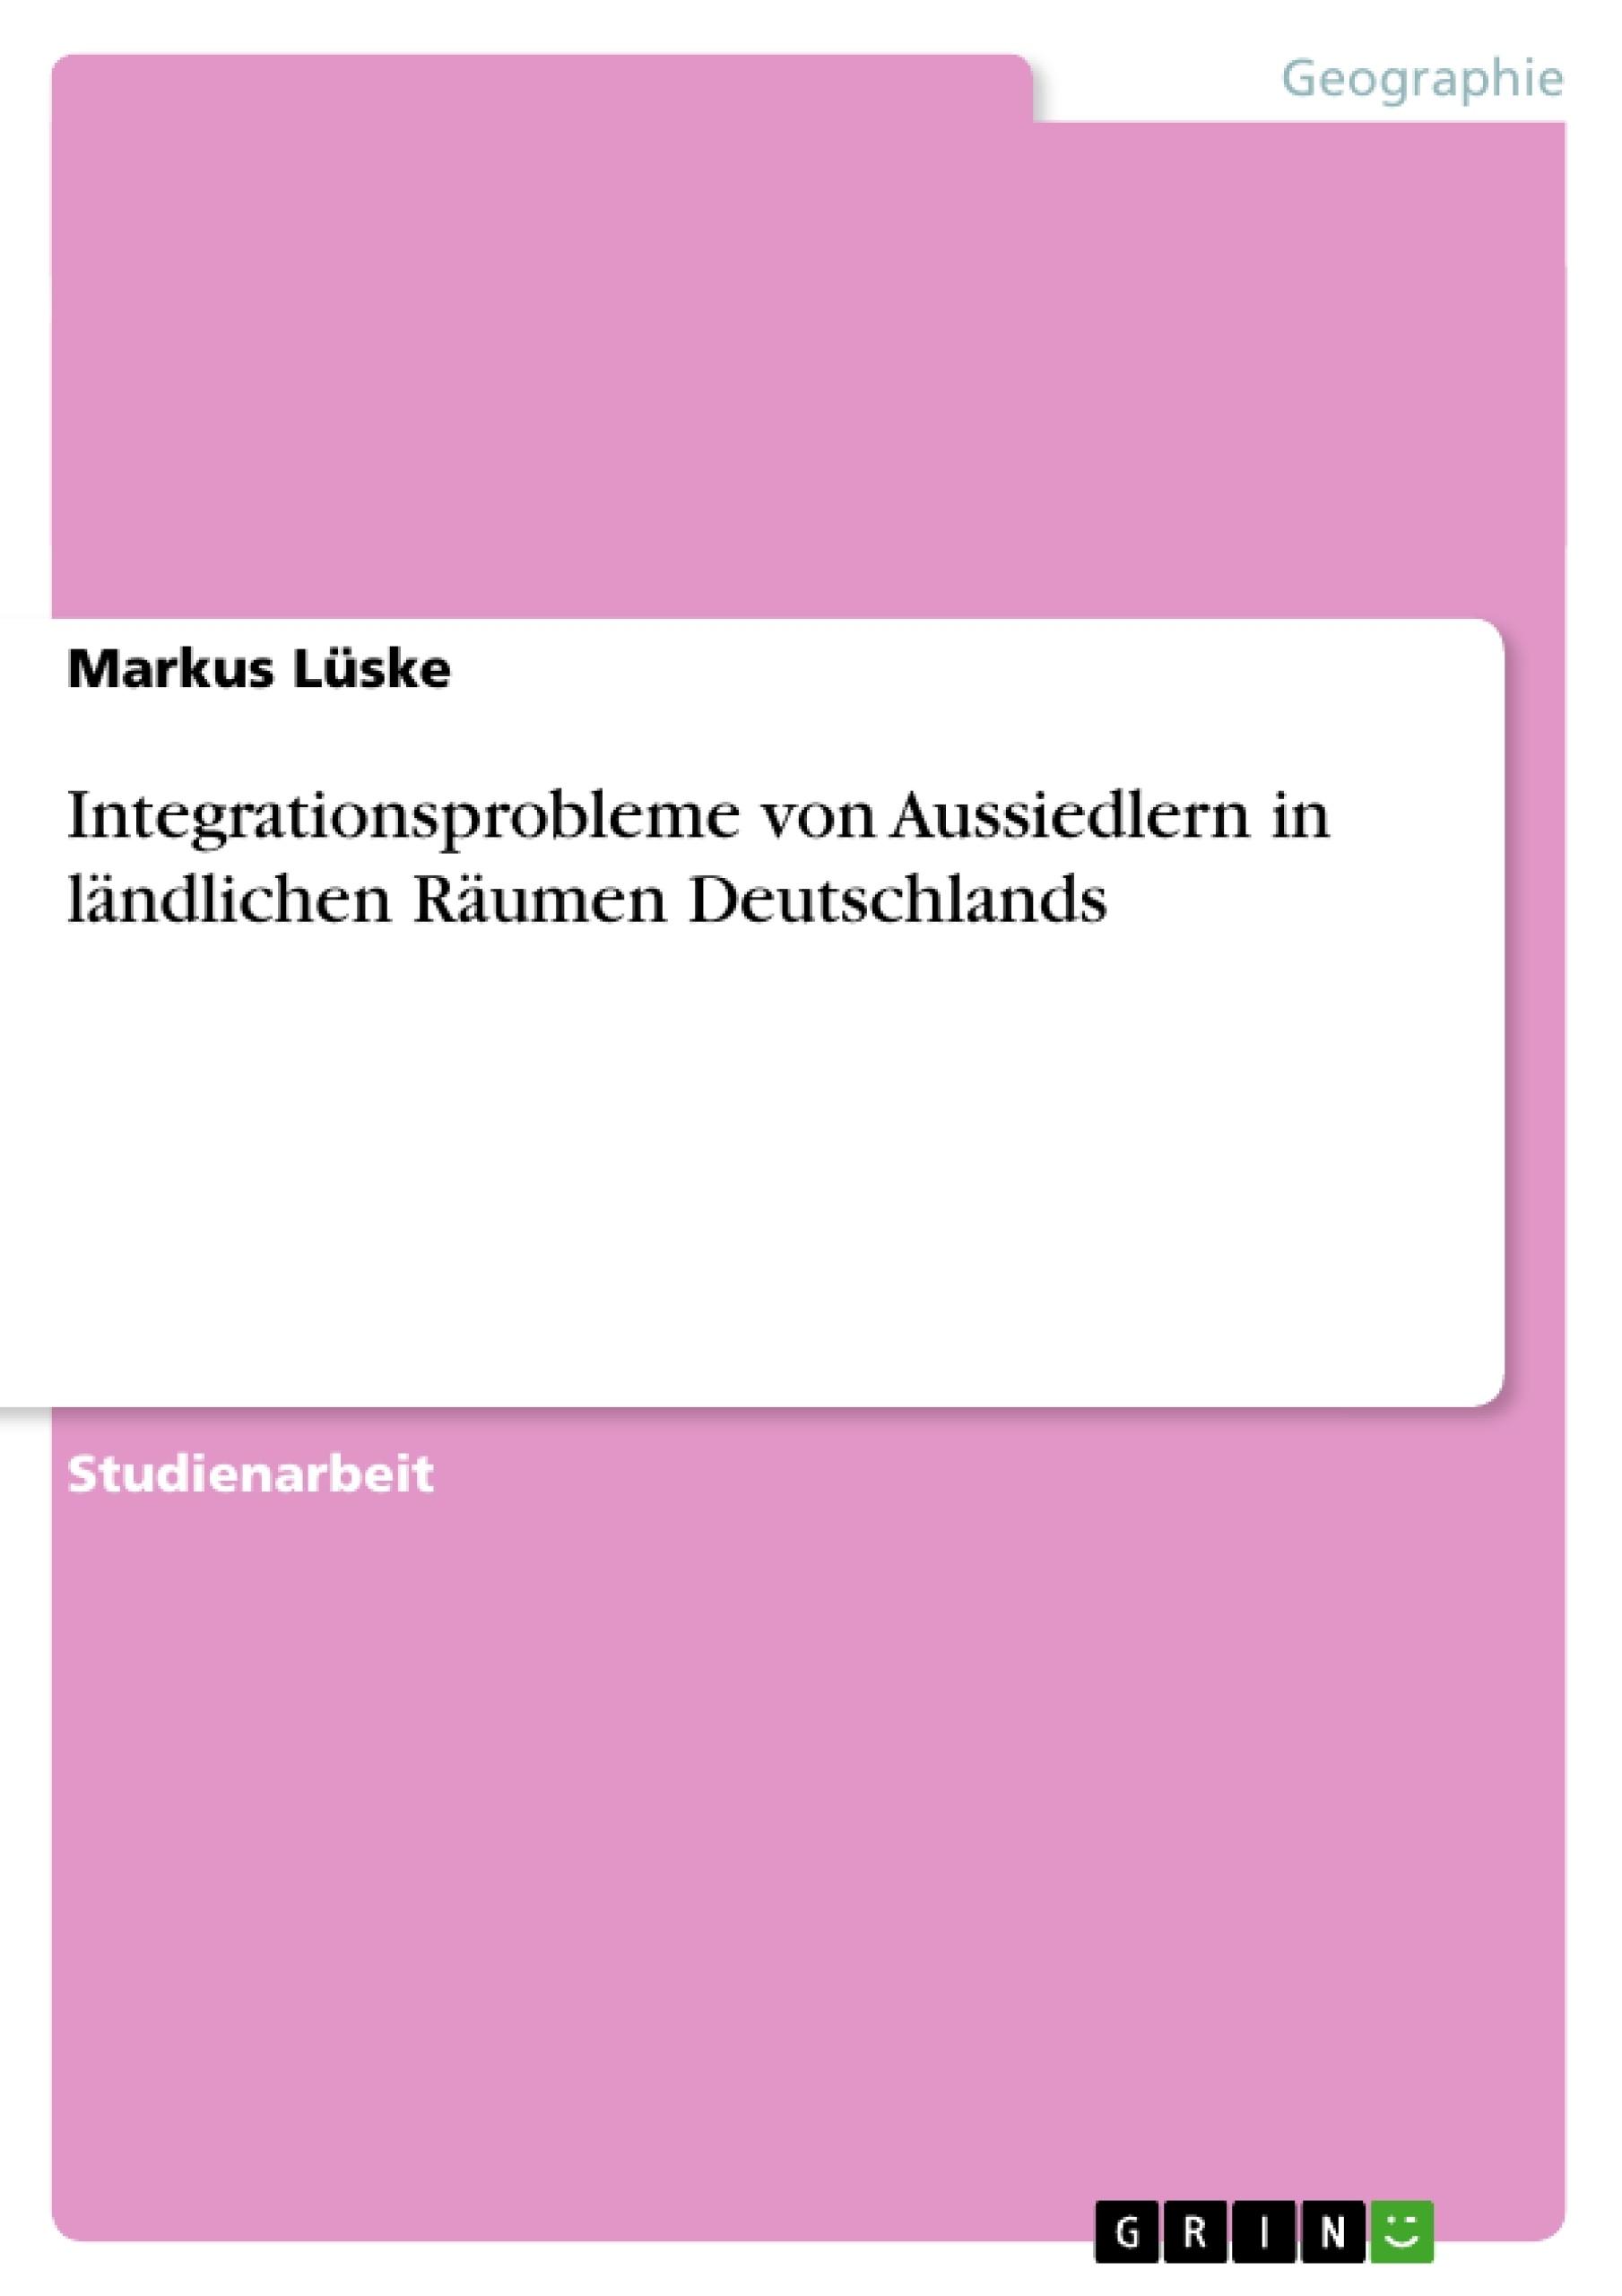 Titel: Integrationsprobleme von Aussiedlern in ländlichen Räumen Deutschlands